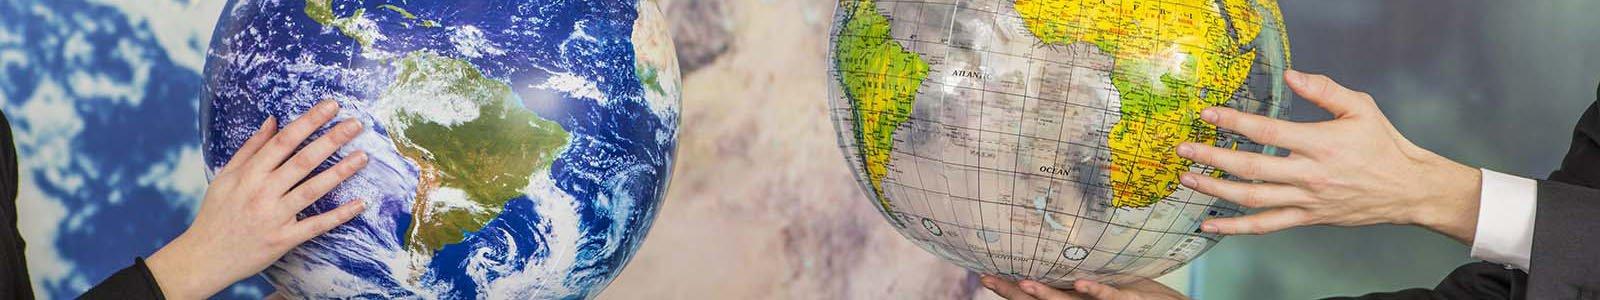 Geowetenschappen algemeen